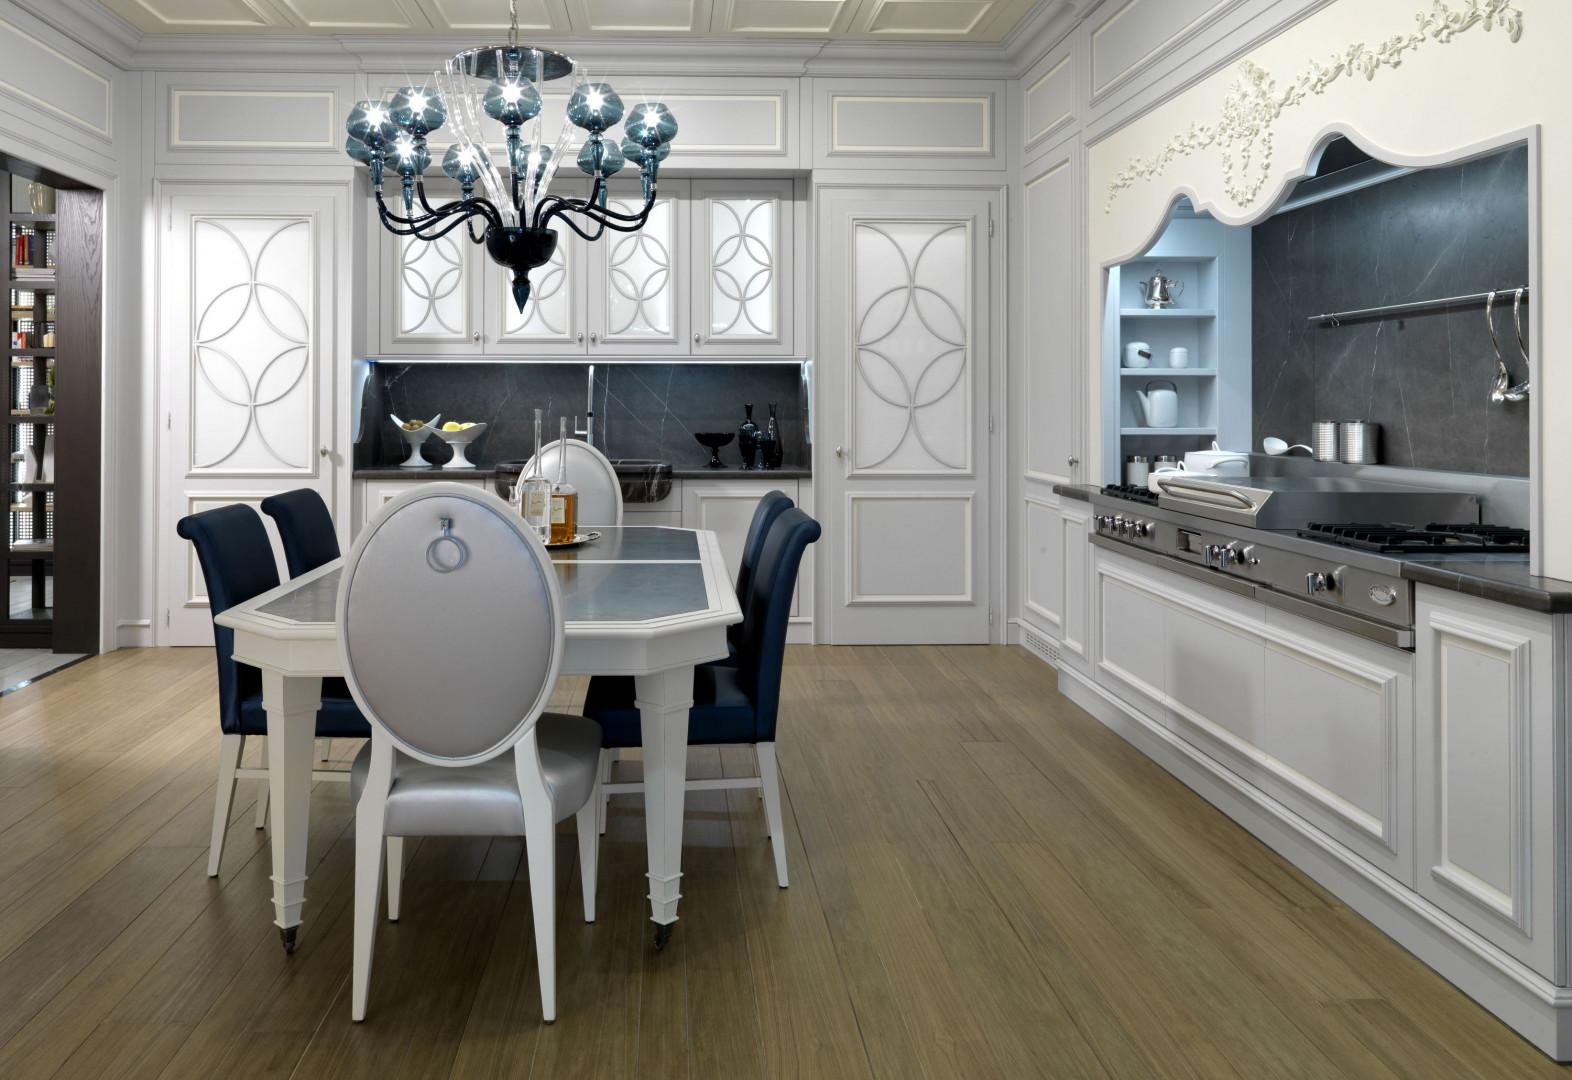 Urządzamy Kuchnia W Klimacie Glamour Postaw Na Luksus W